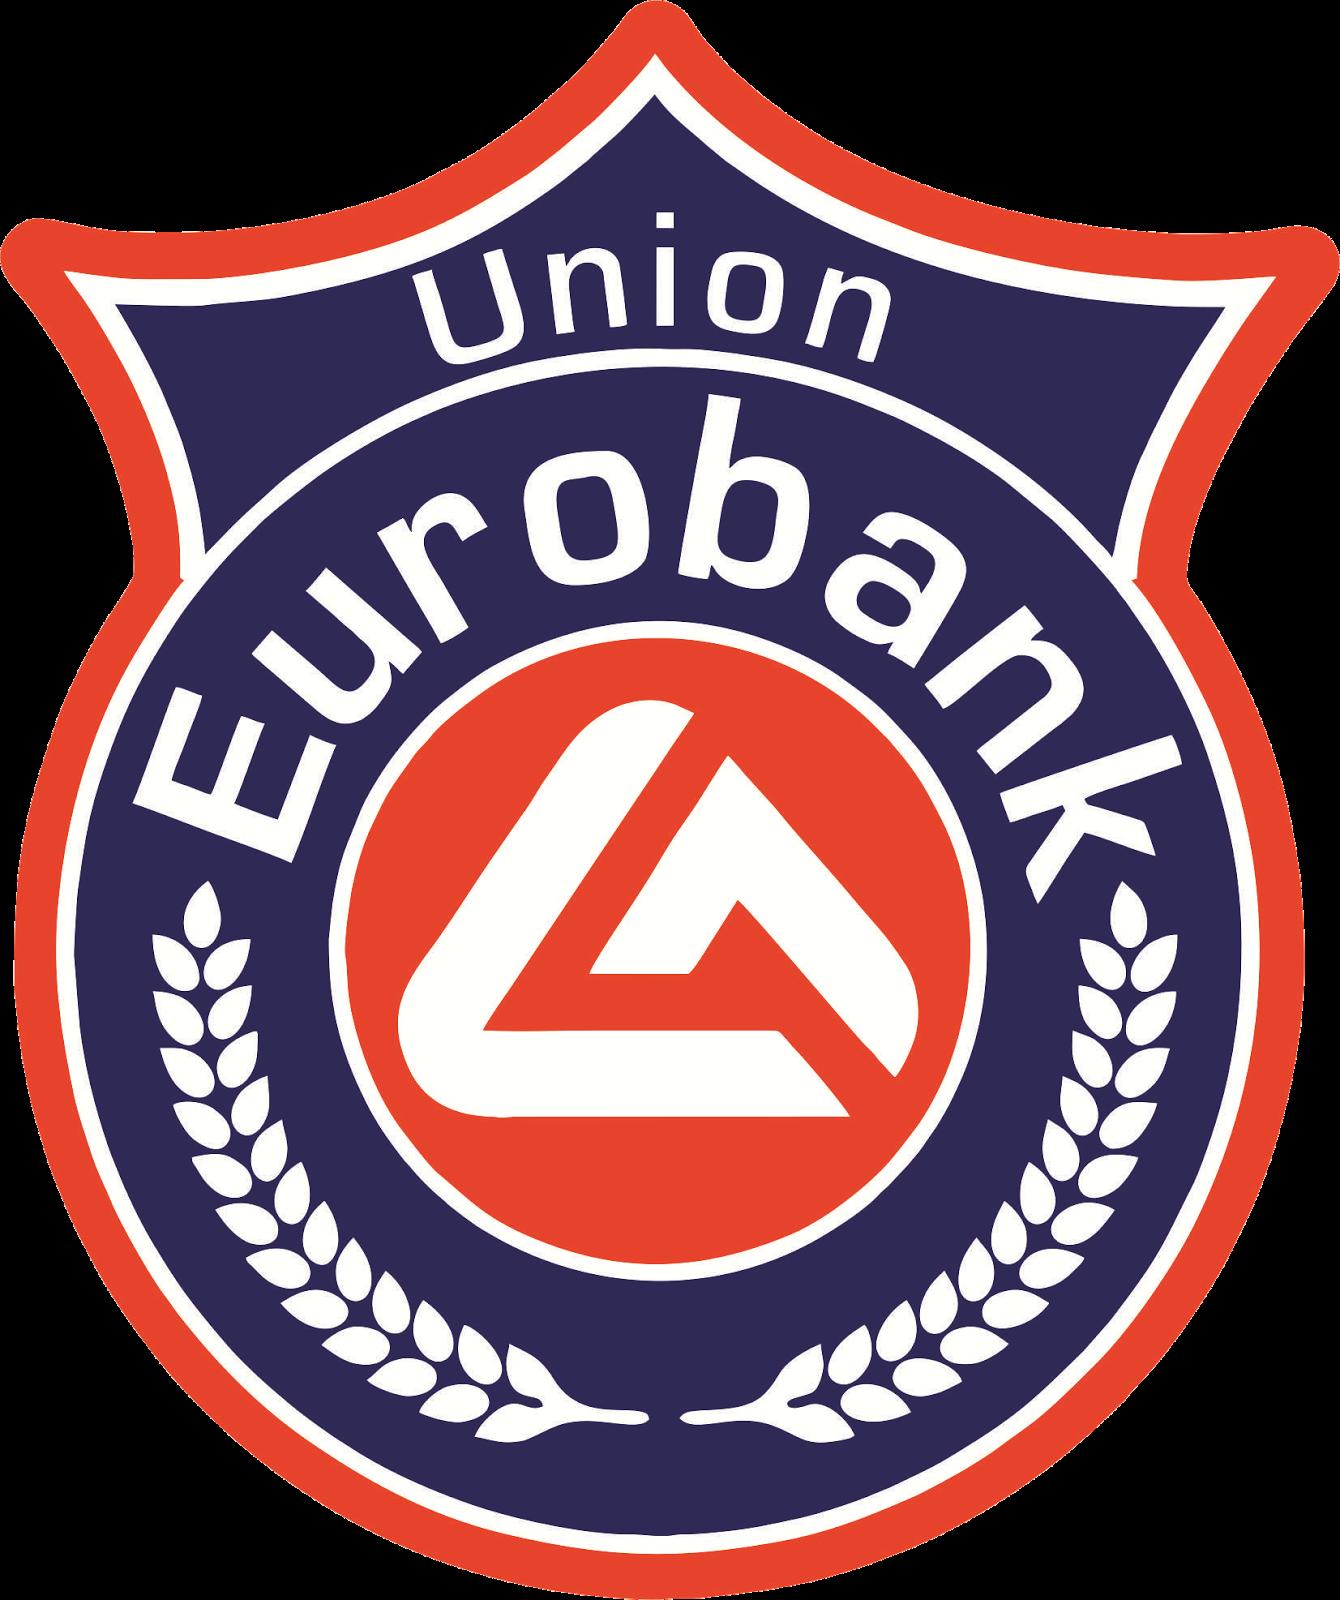 Αποτέλεσμα εικόνας για union eurobank